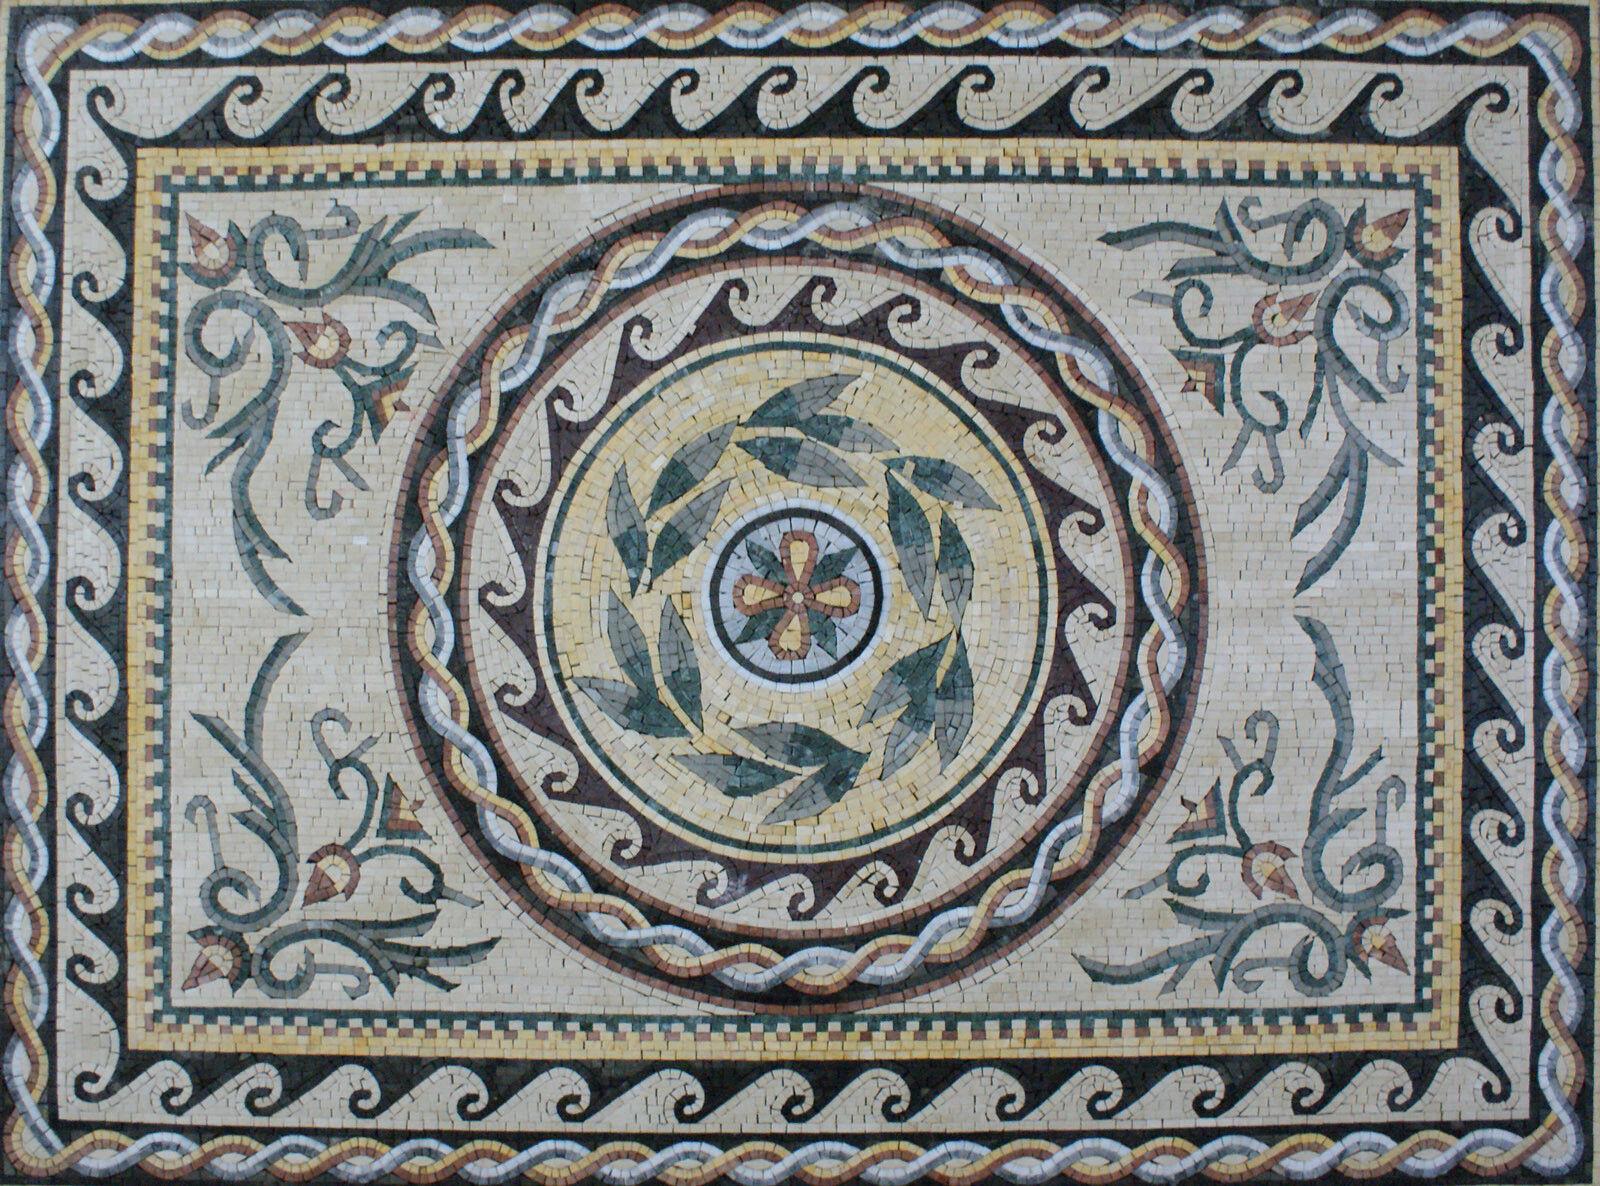 Wavy Border Rope Frame CenteROT Flower Floor Carpet Deisgn Marble Mosaic CR895